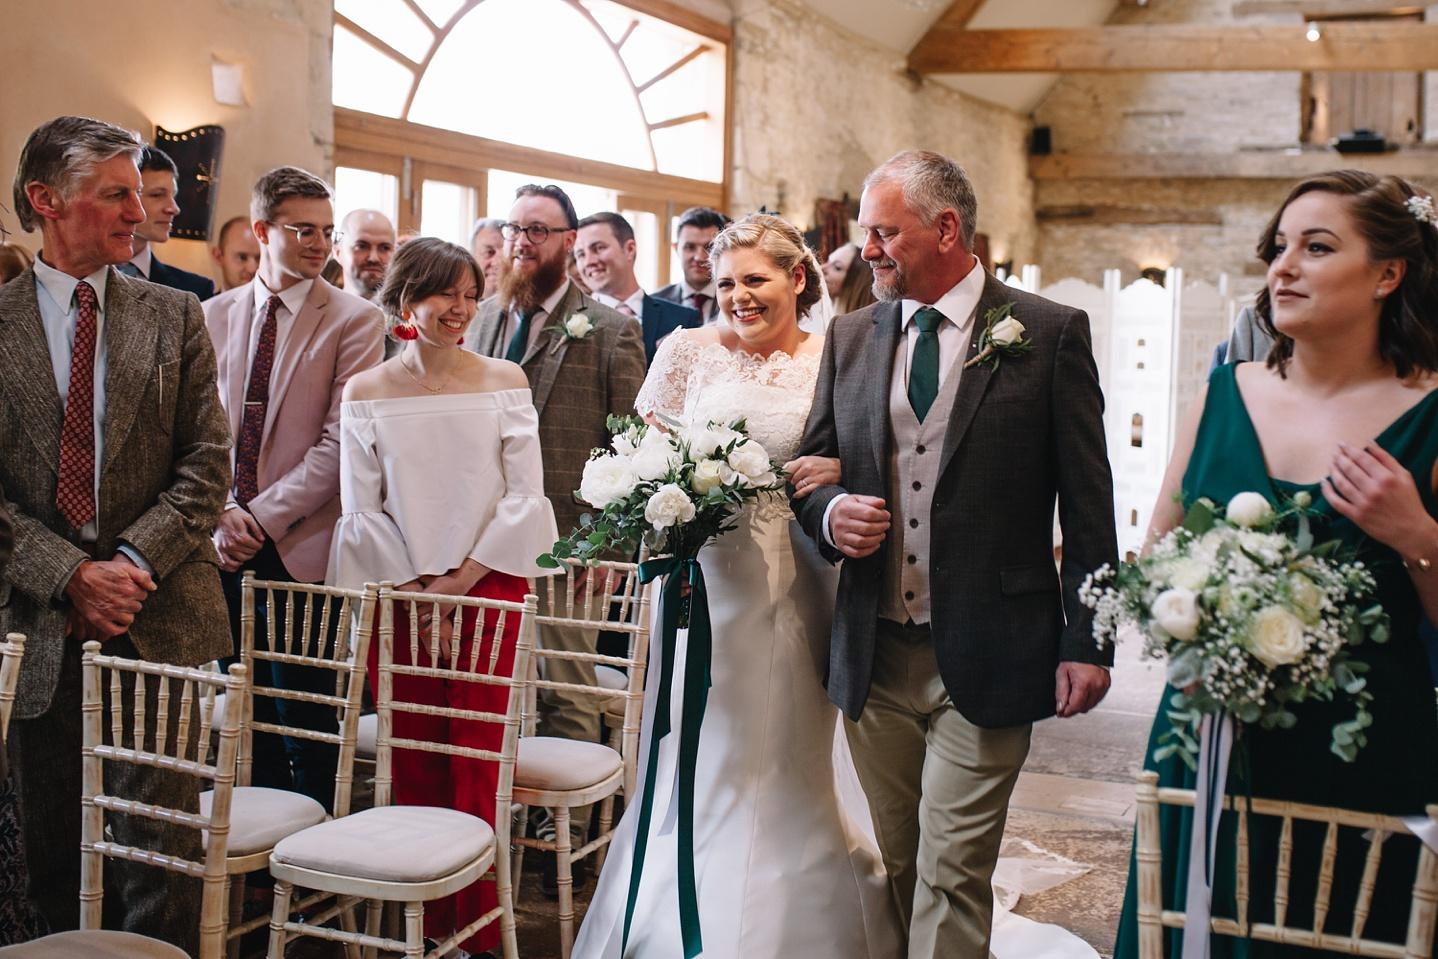 Oxleaze-Barn-Wedding-Photographer_0040.jpg